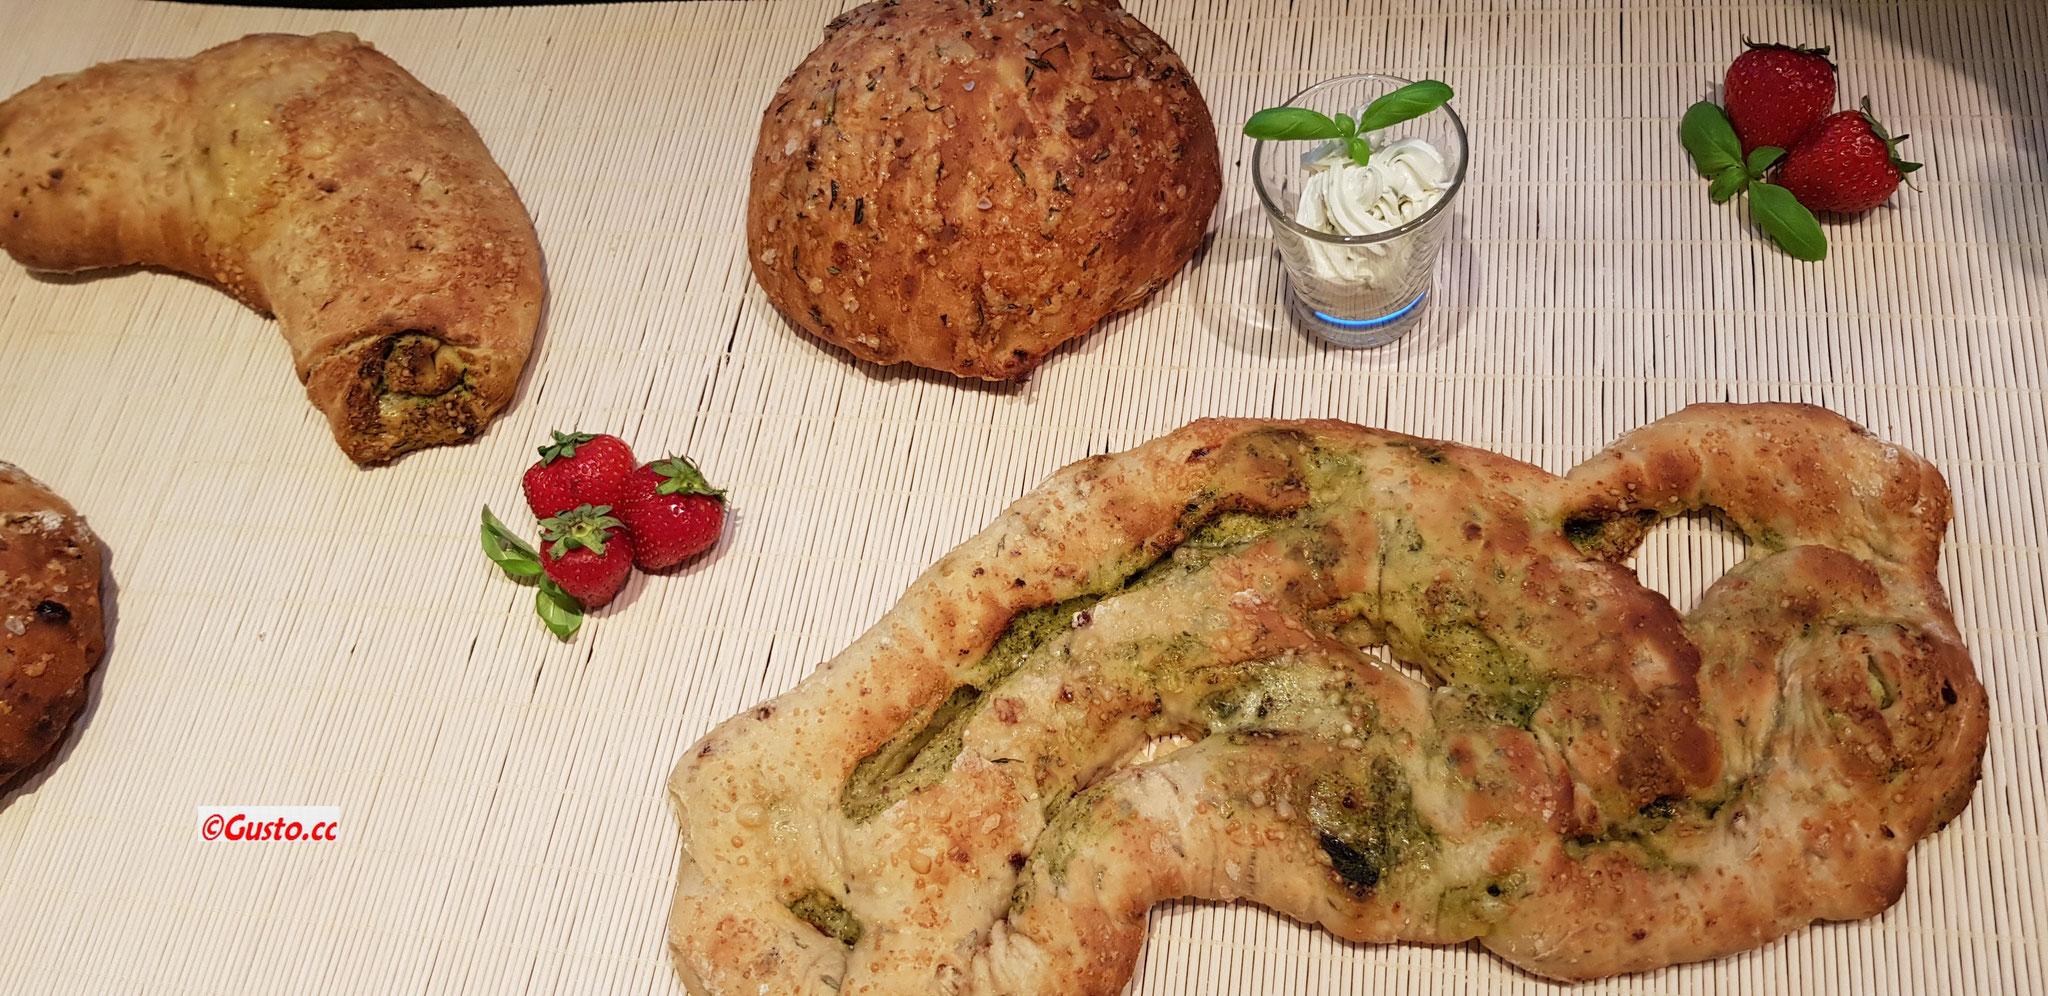 Mediterrane Brotvielfalt - selbstgebacken...